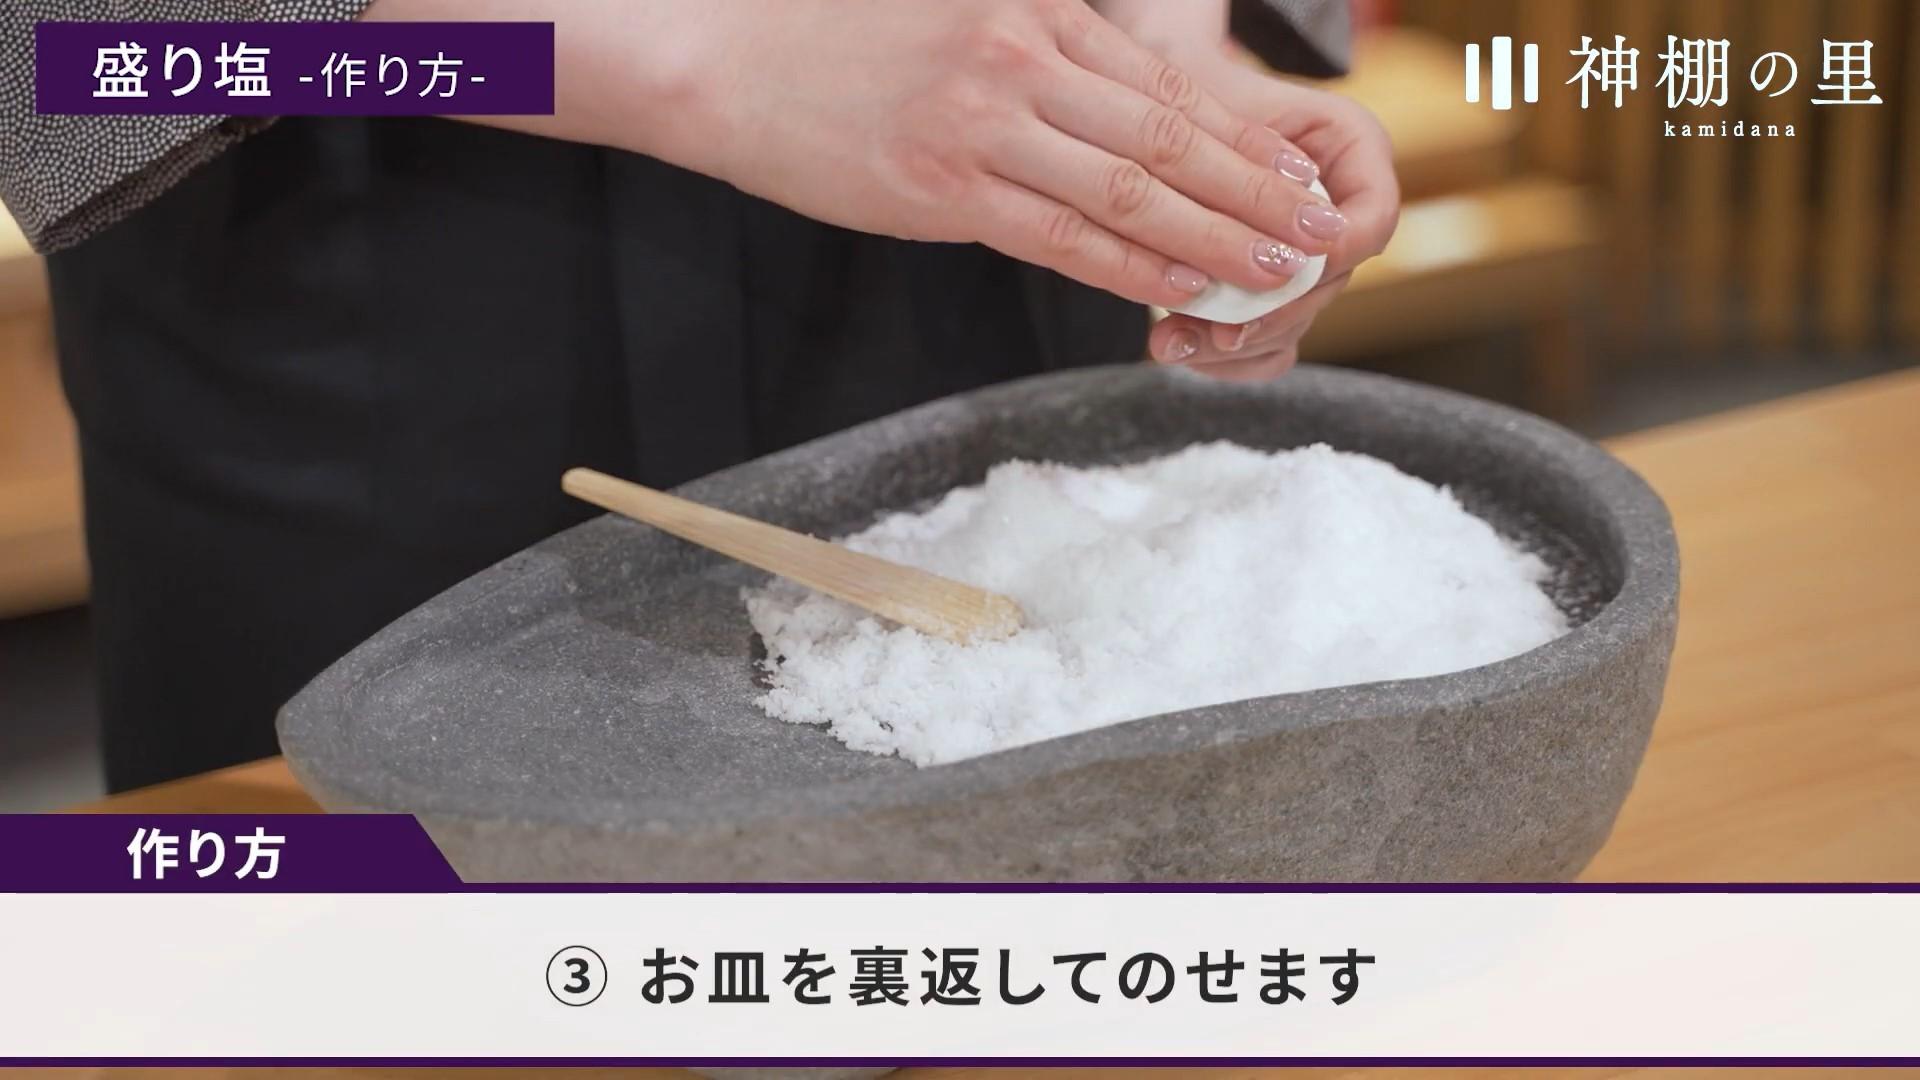 きれいな 盛り塩 作り方